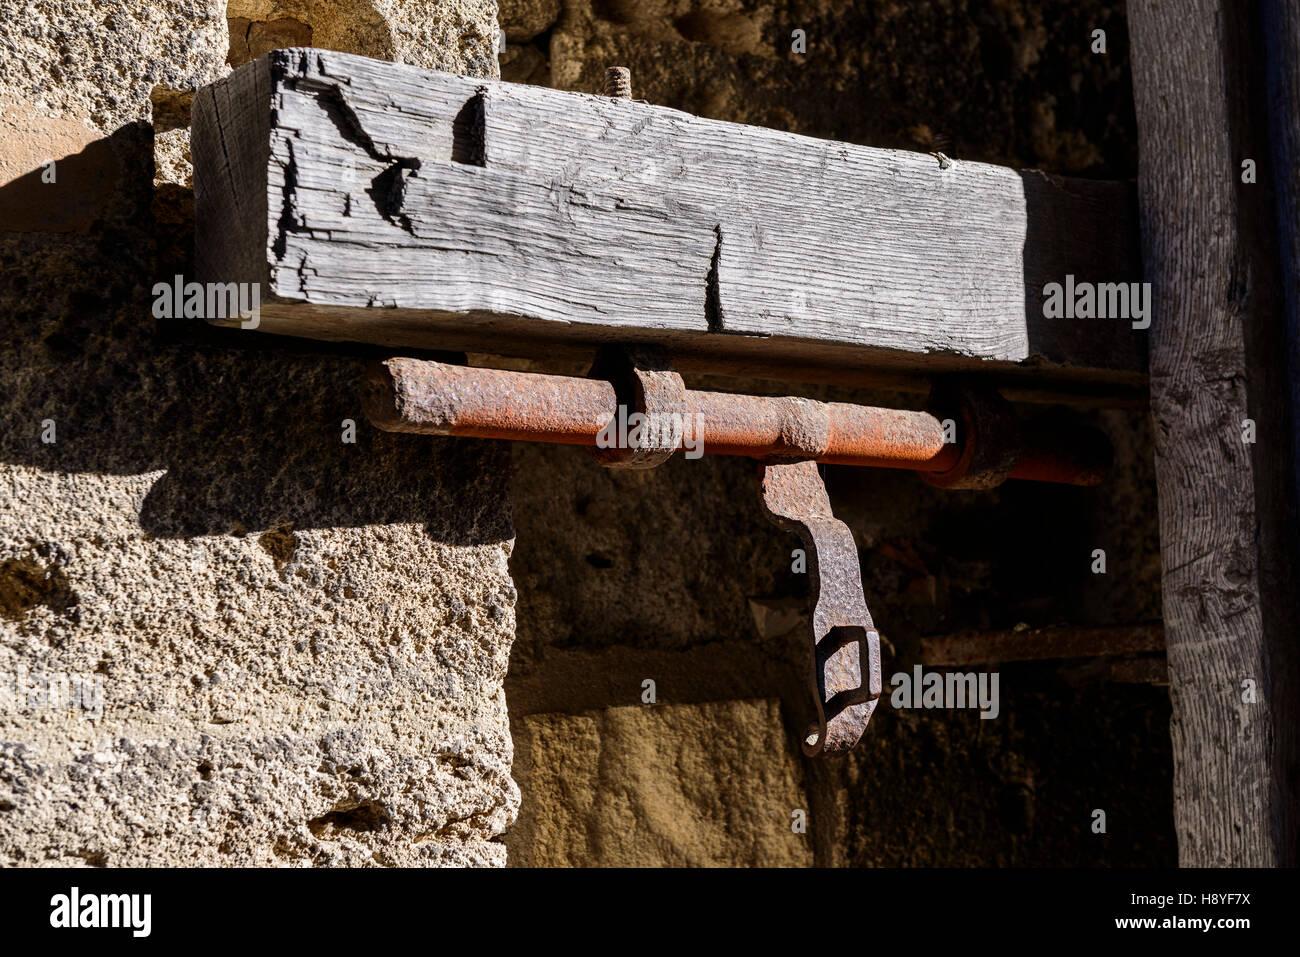 Fermeture de la Porte des Moulins ou Porte Neuve Les Remparts côté Sud Aigues-Mortes,Camargue - FRANCE - Stock Image